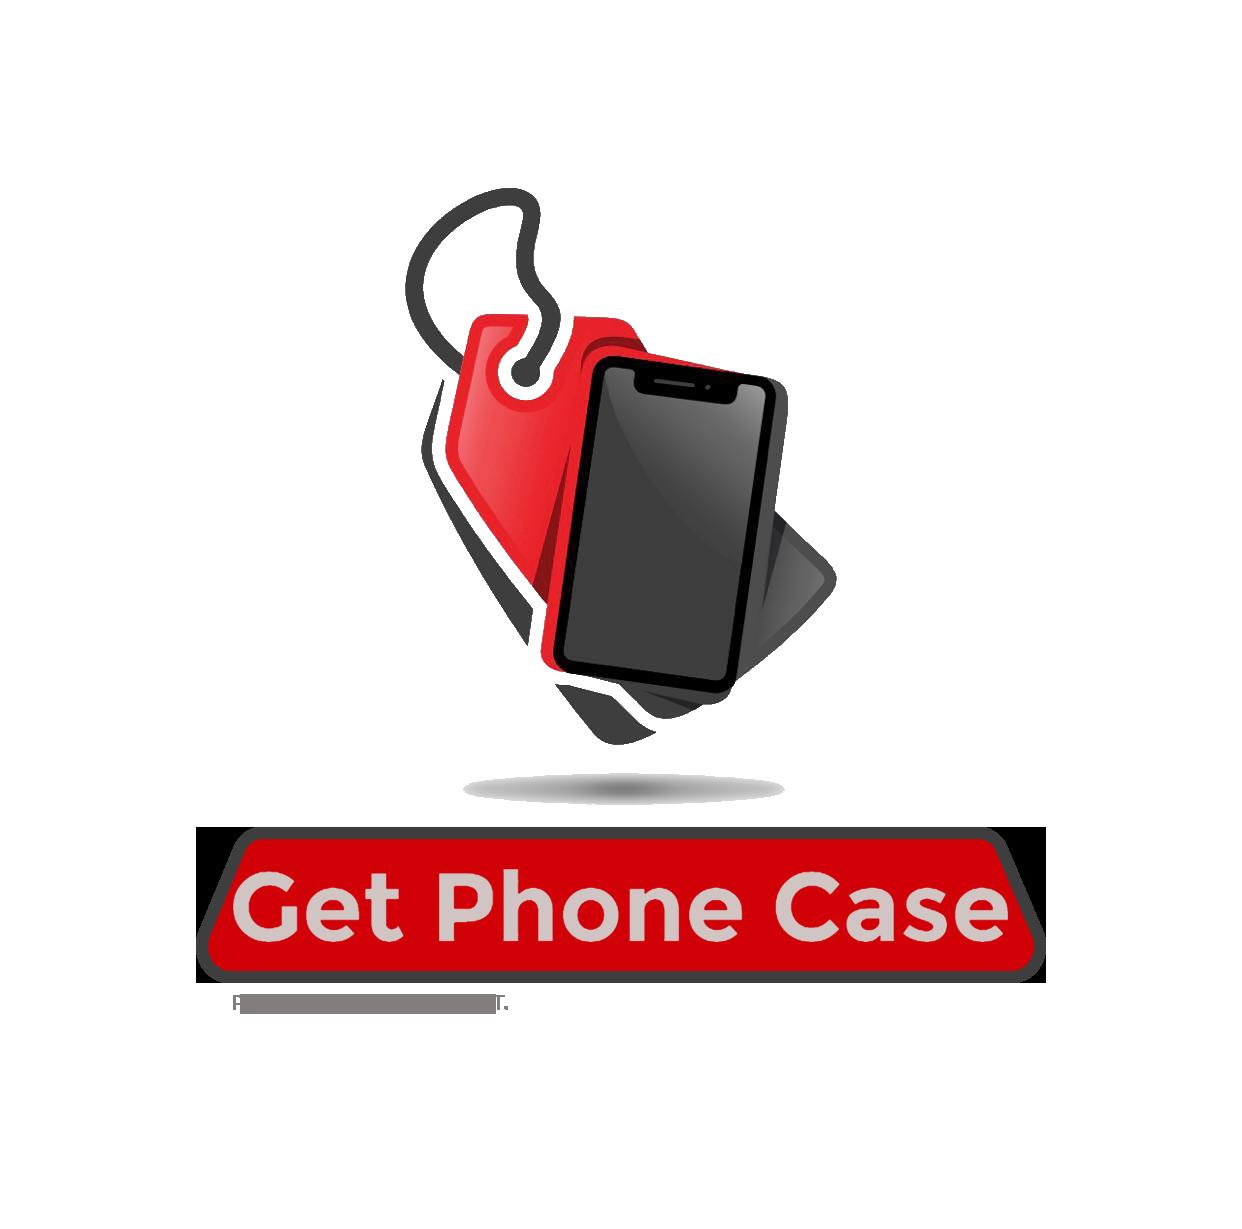 Get Phone Case